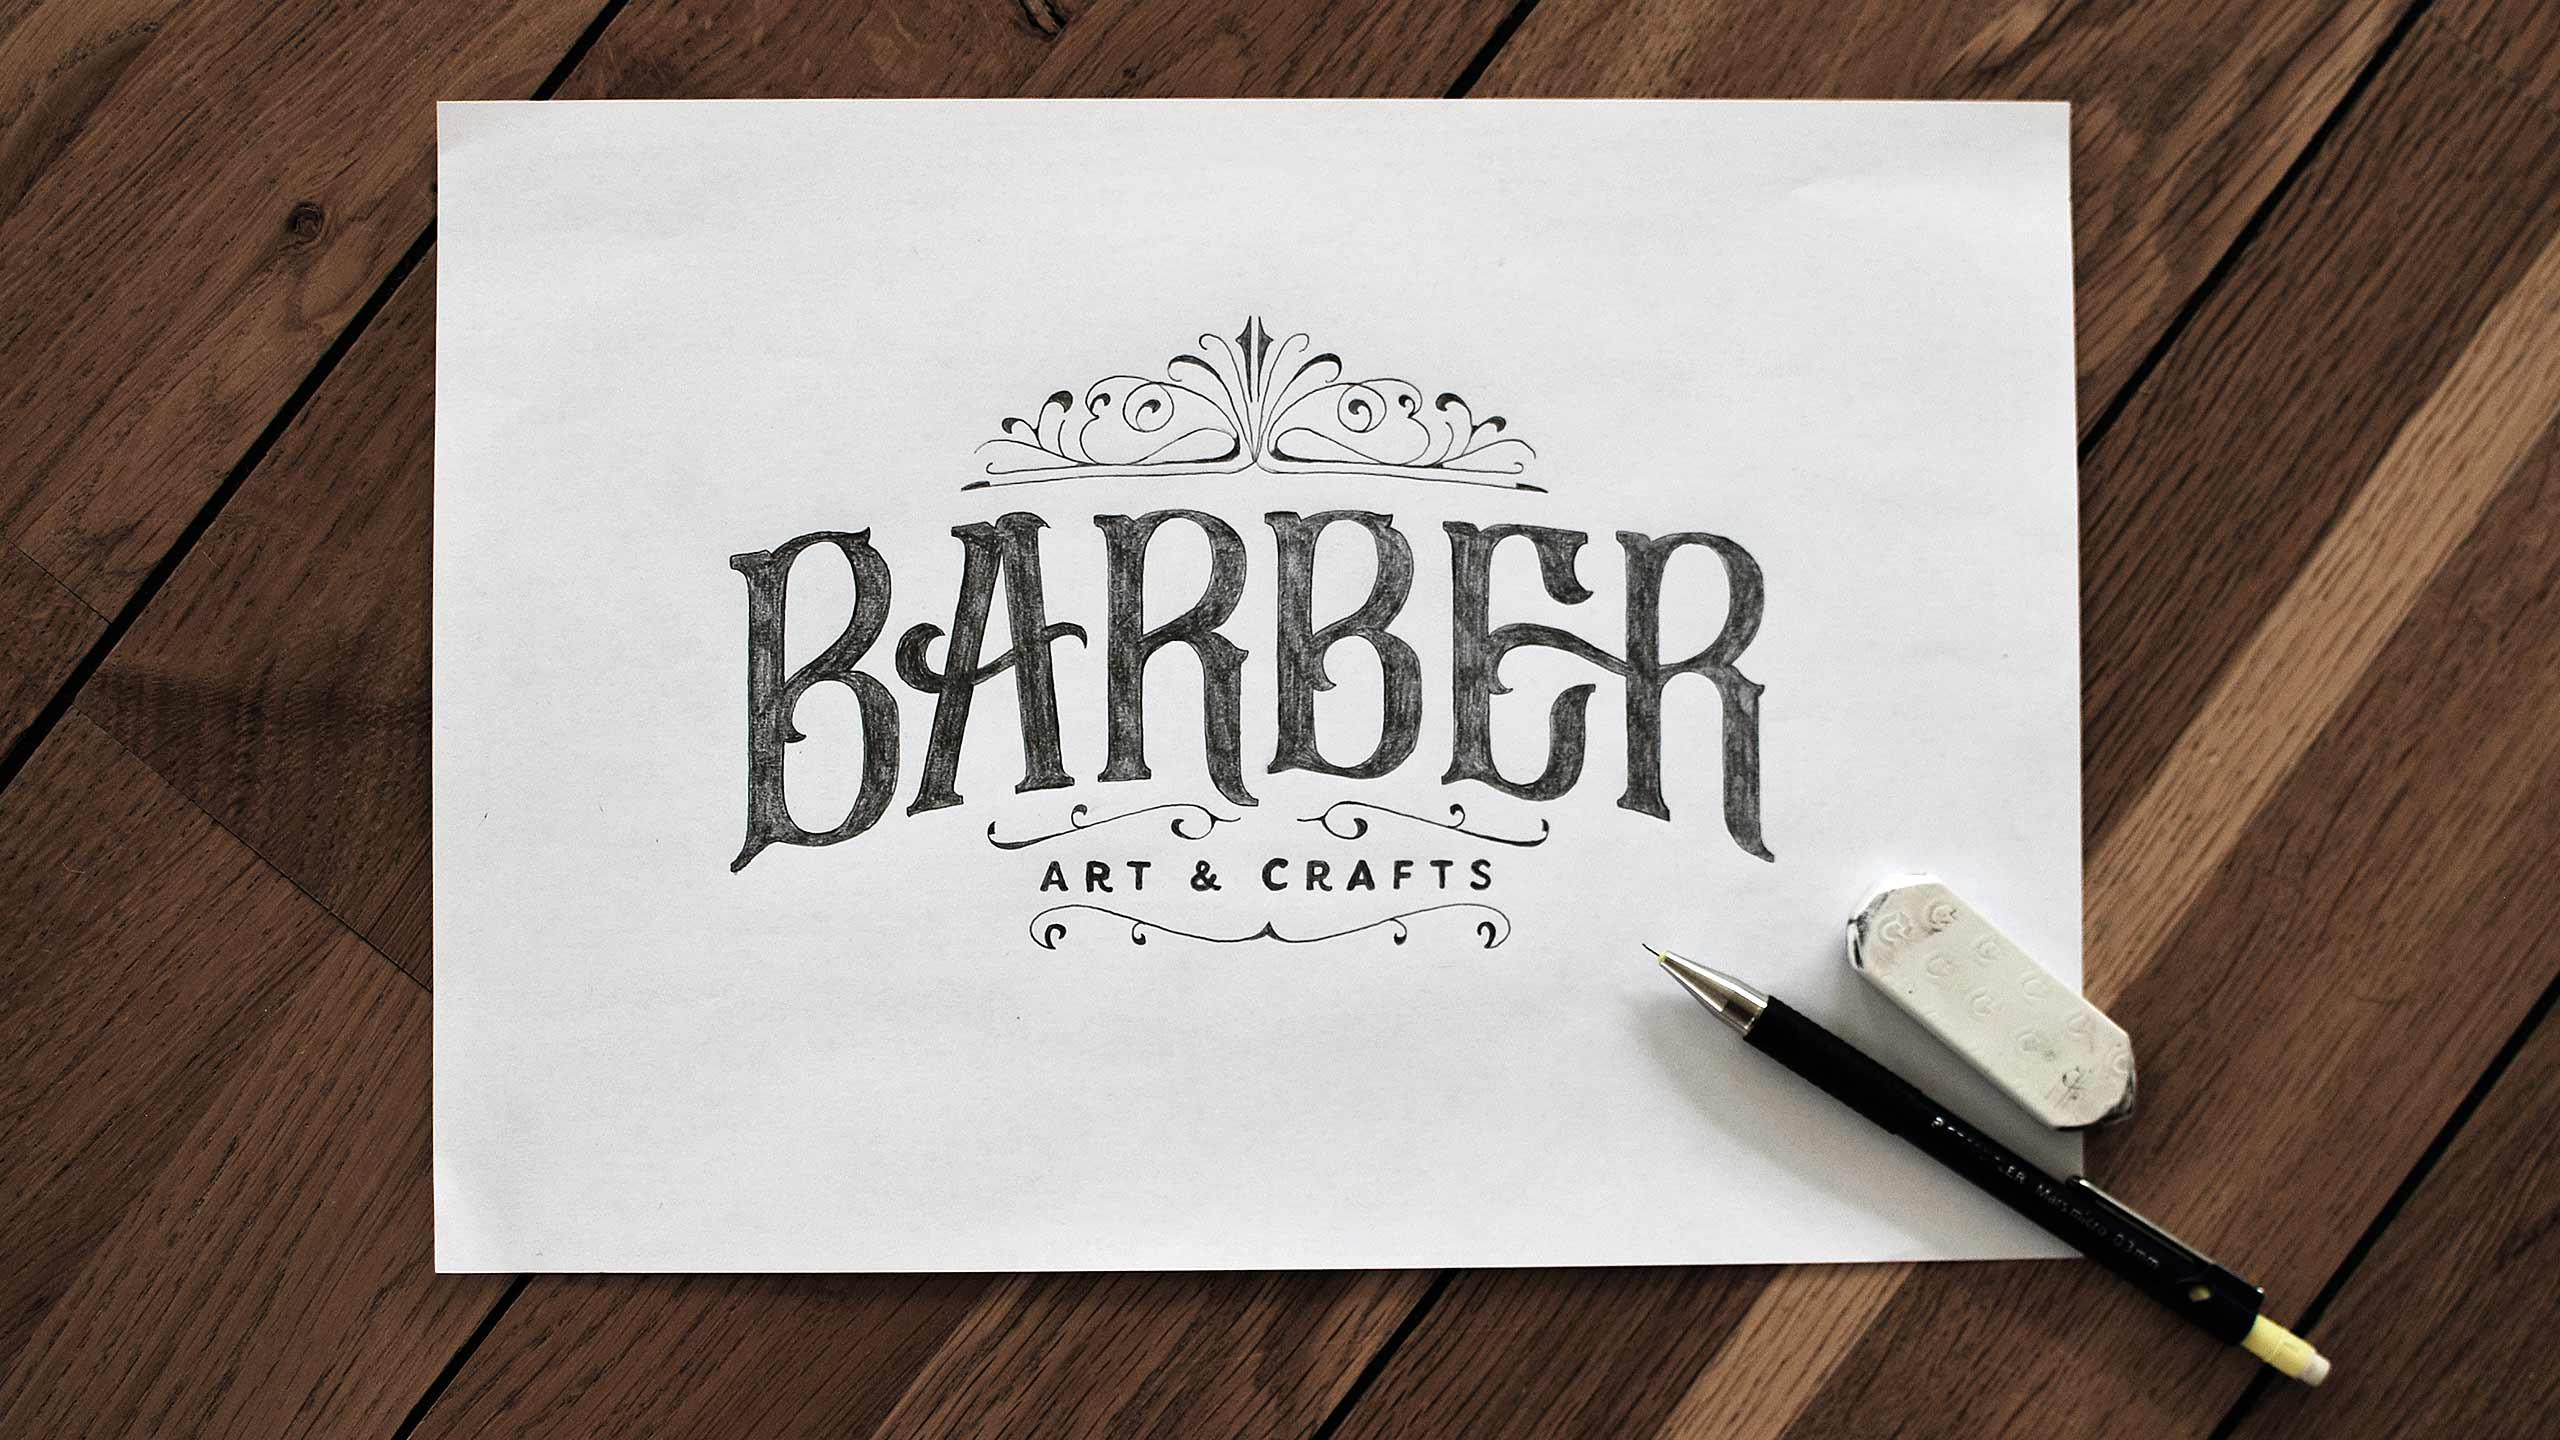 Final sketch for Barber Art & Crafts